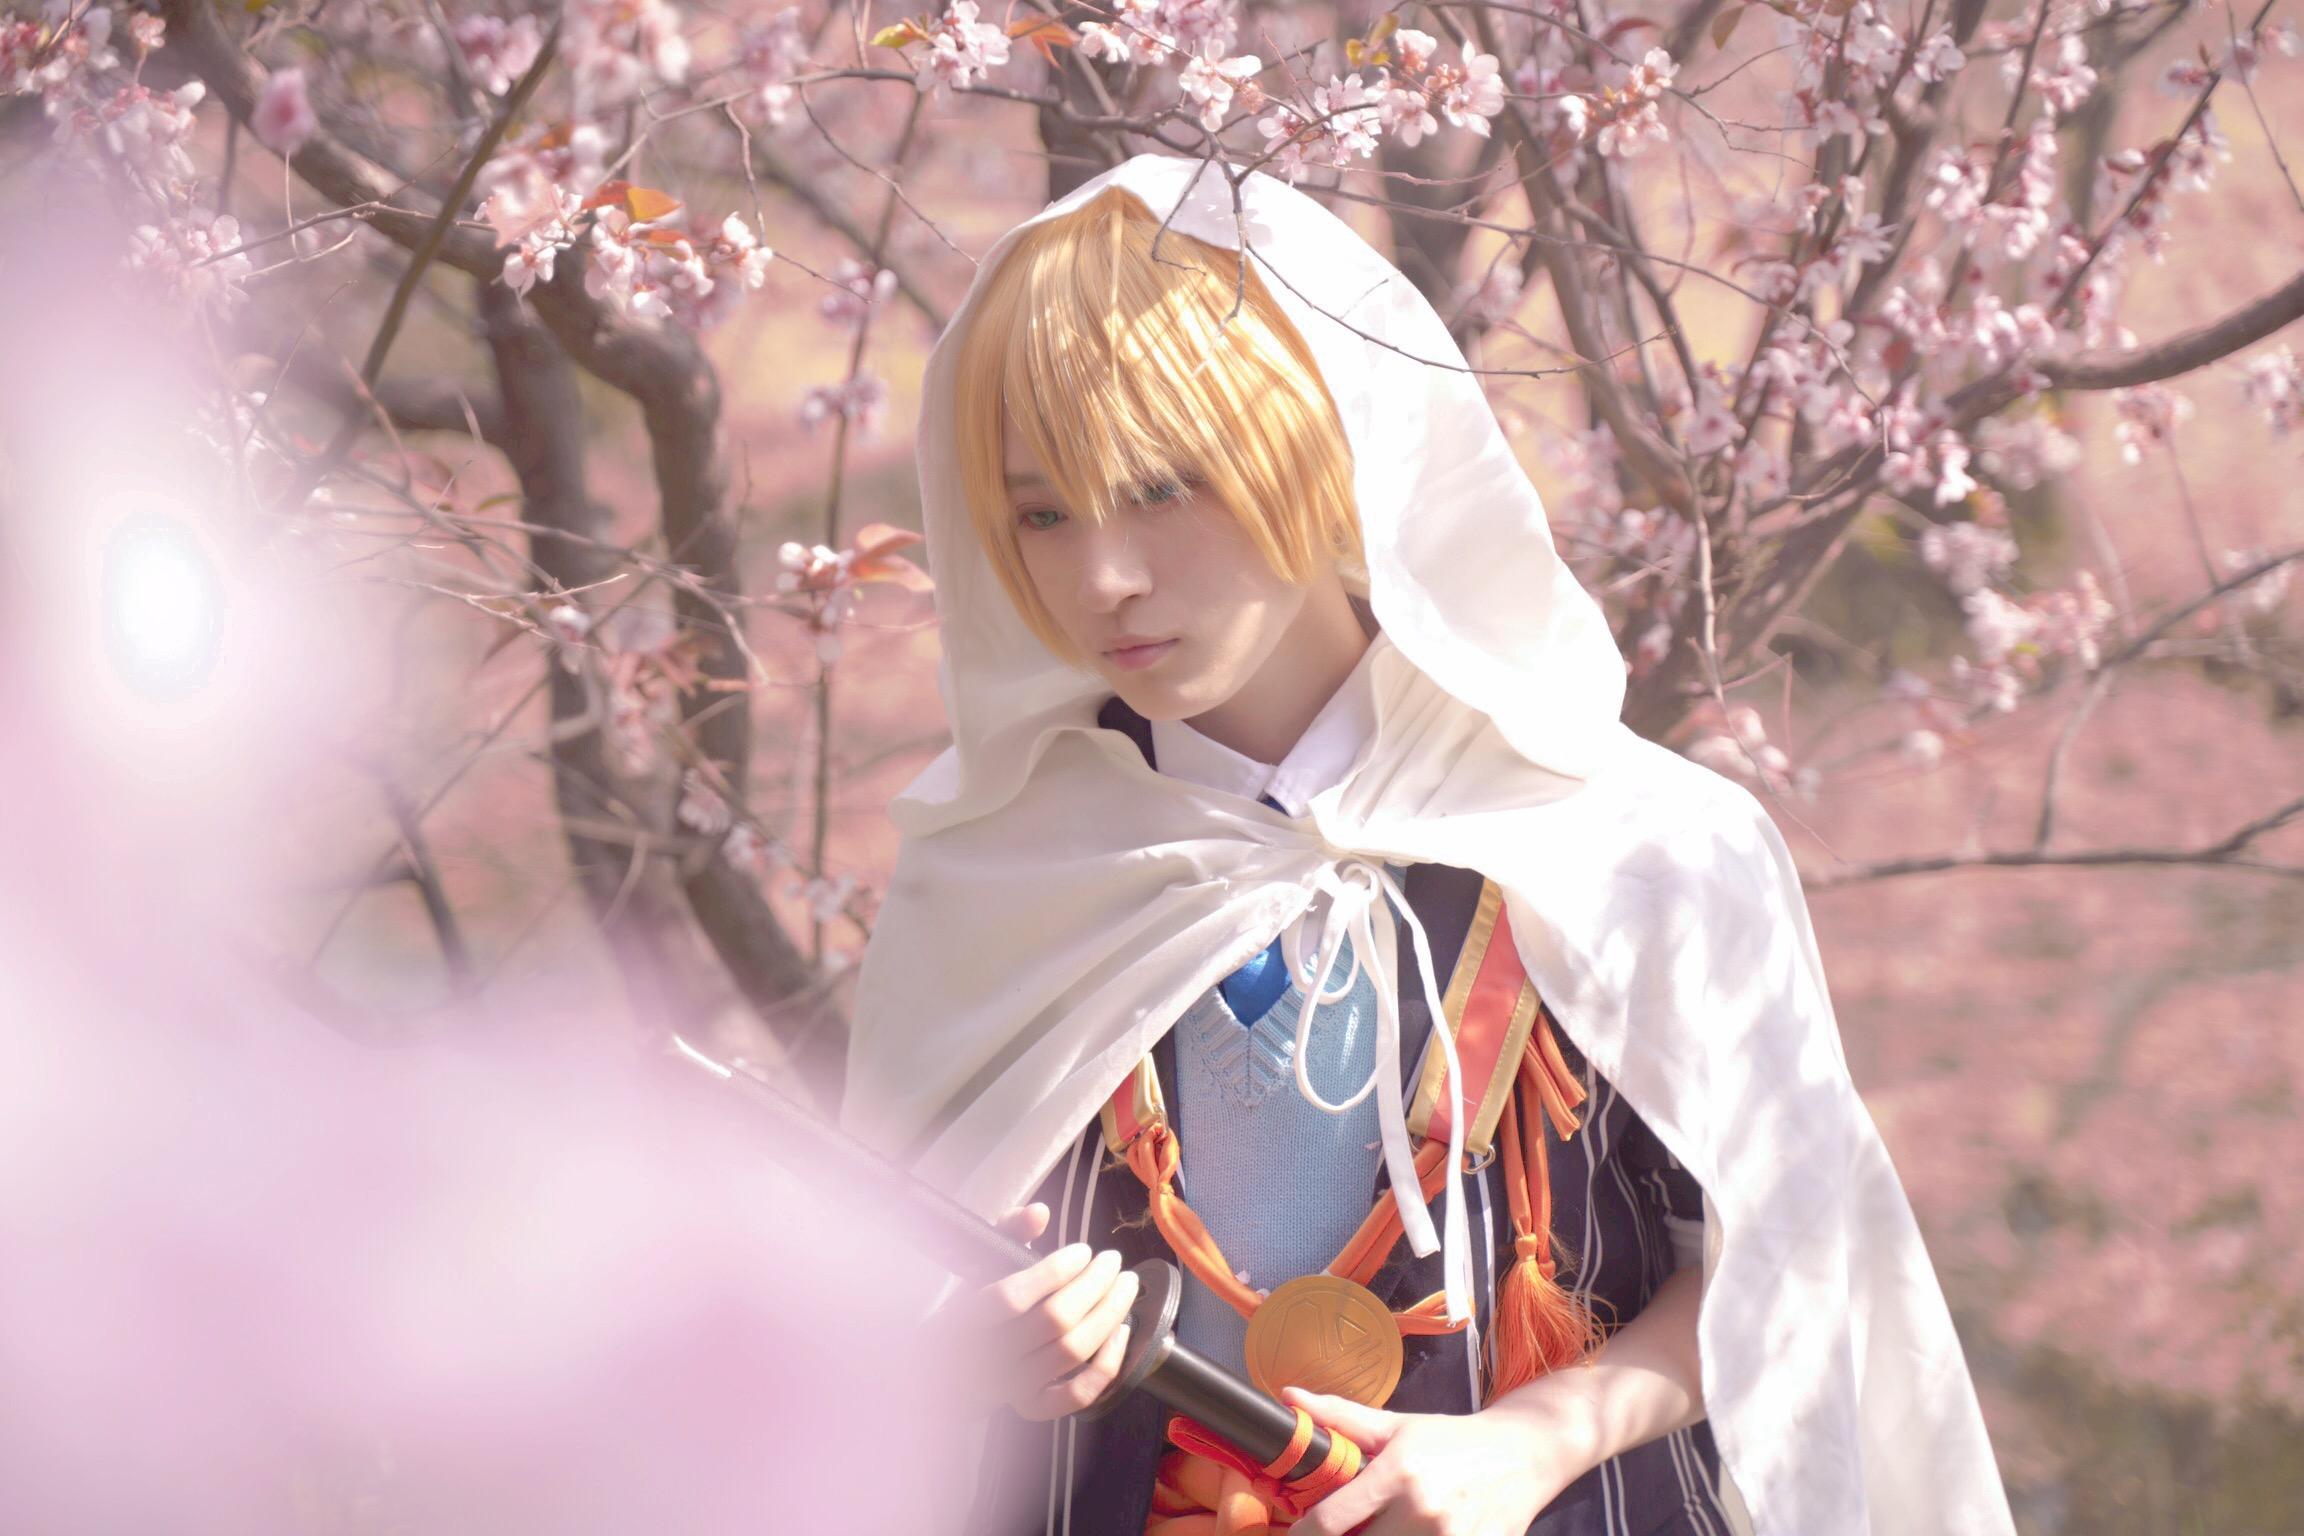 《刀剑乱舞》山姥切国广cosplay【CN:猹狸inoni】-第5张